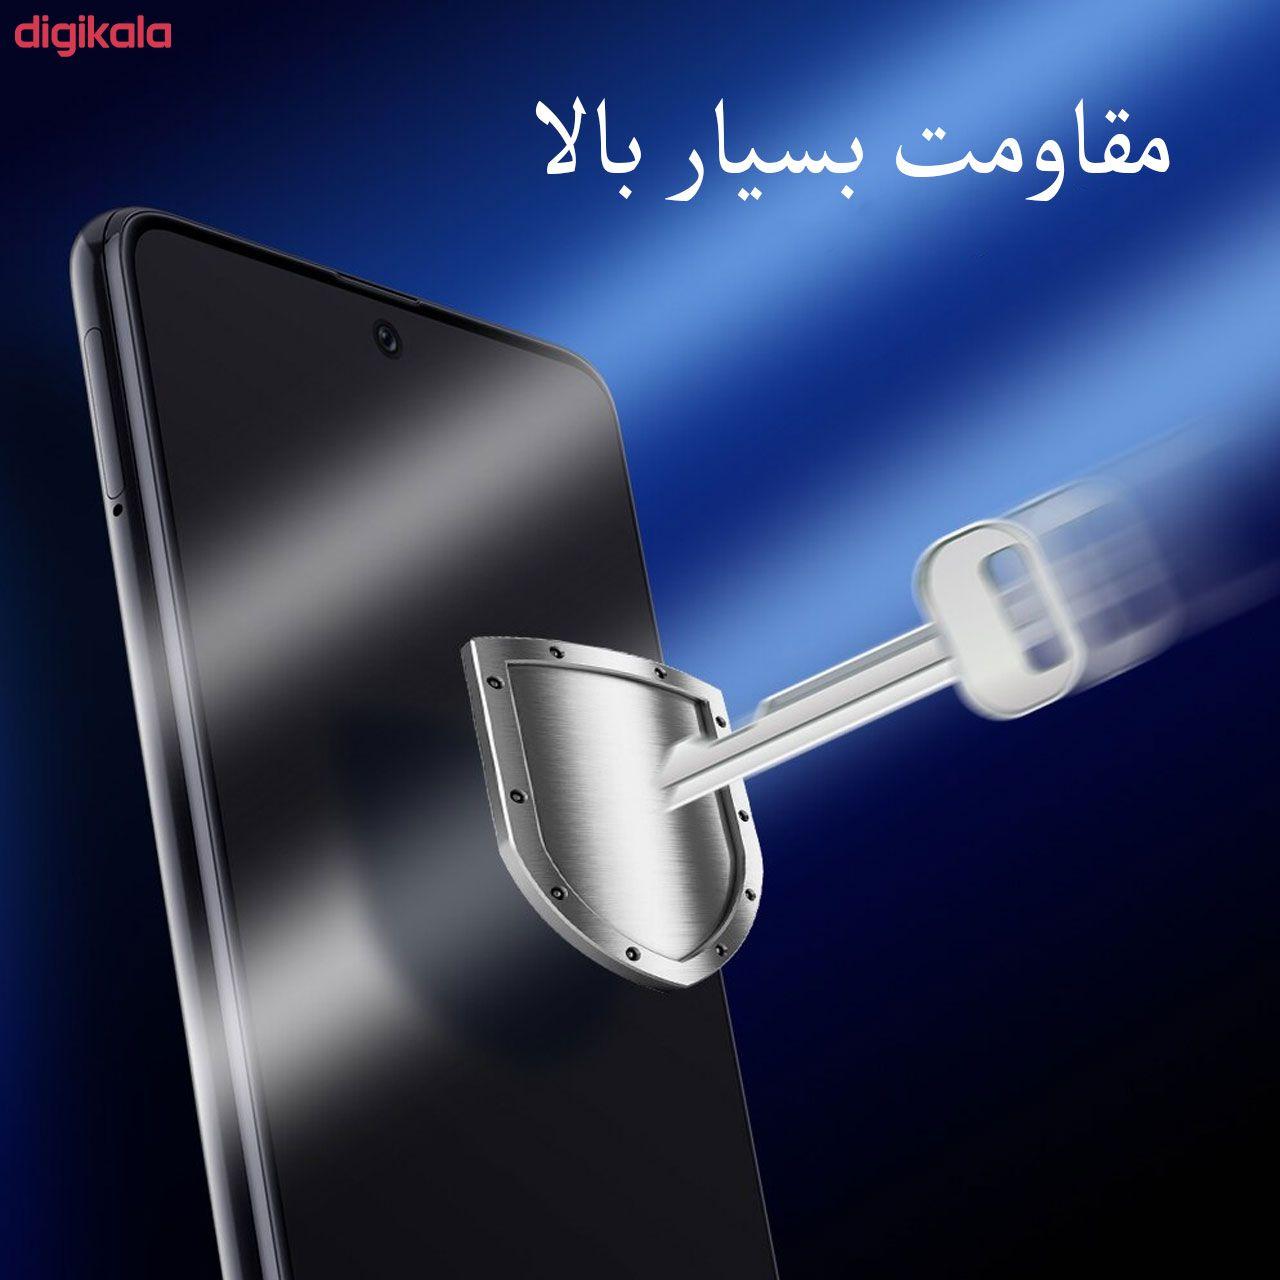 محافظ صفحه نمایش مدل FCG مناسب برای گوشی موبایل شیائومی Redmi Note 9 Pro Max بسته دو عددی main 1 2